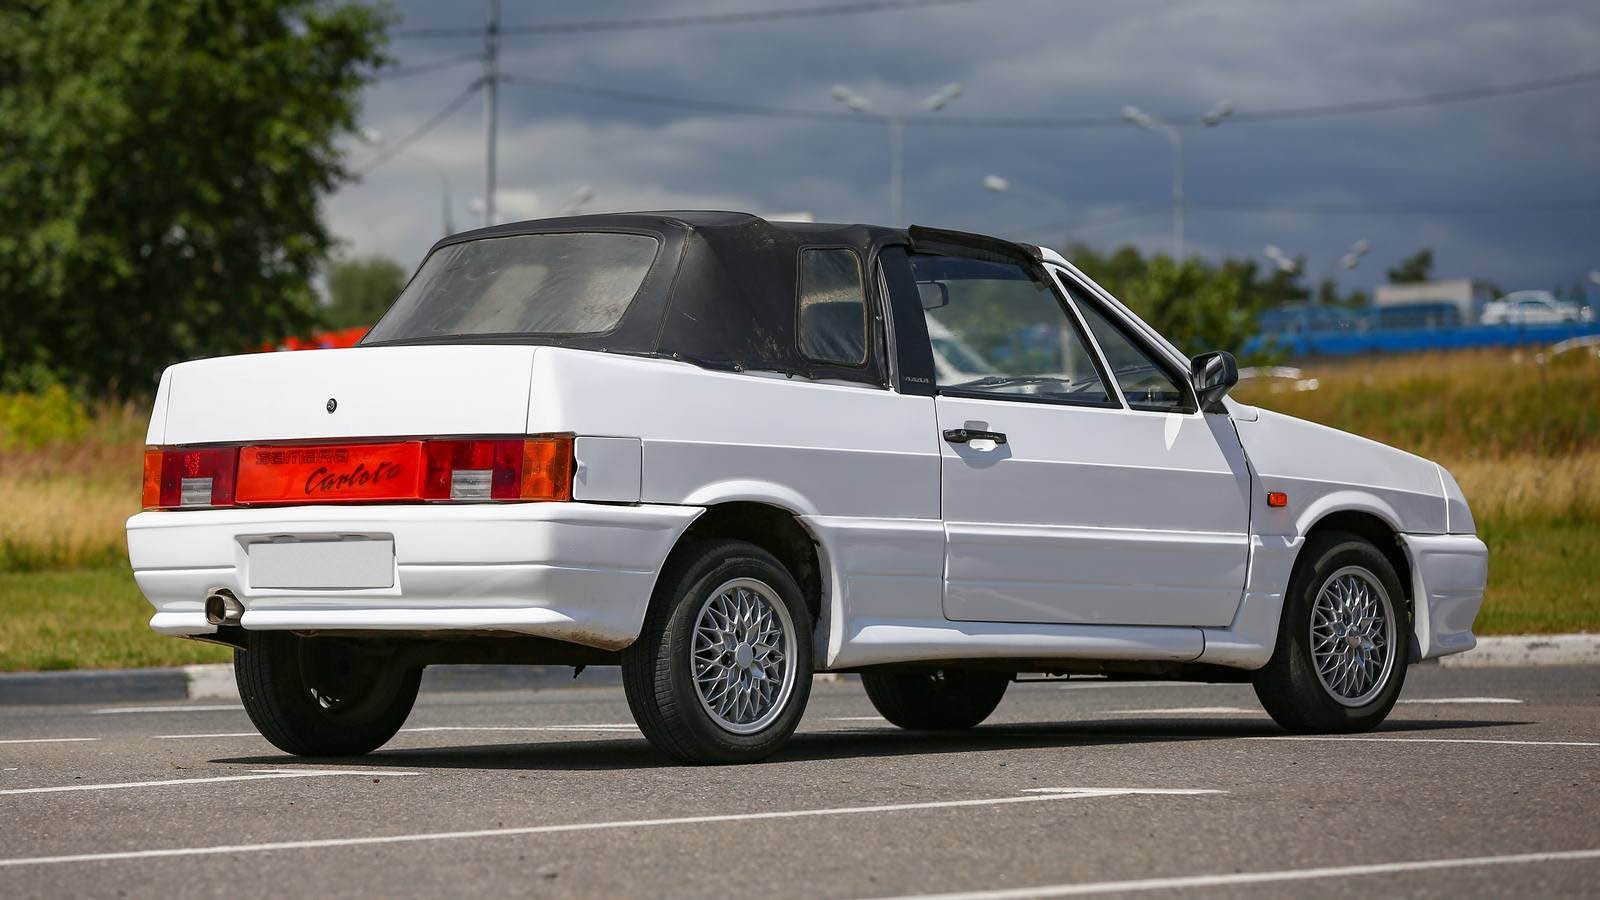 Наташа «топлесс»: опыт владения ВАЗ-2108 кабриолет 1993 года